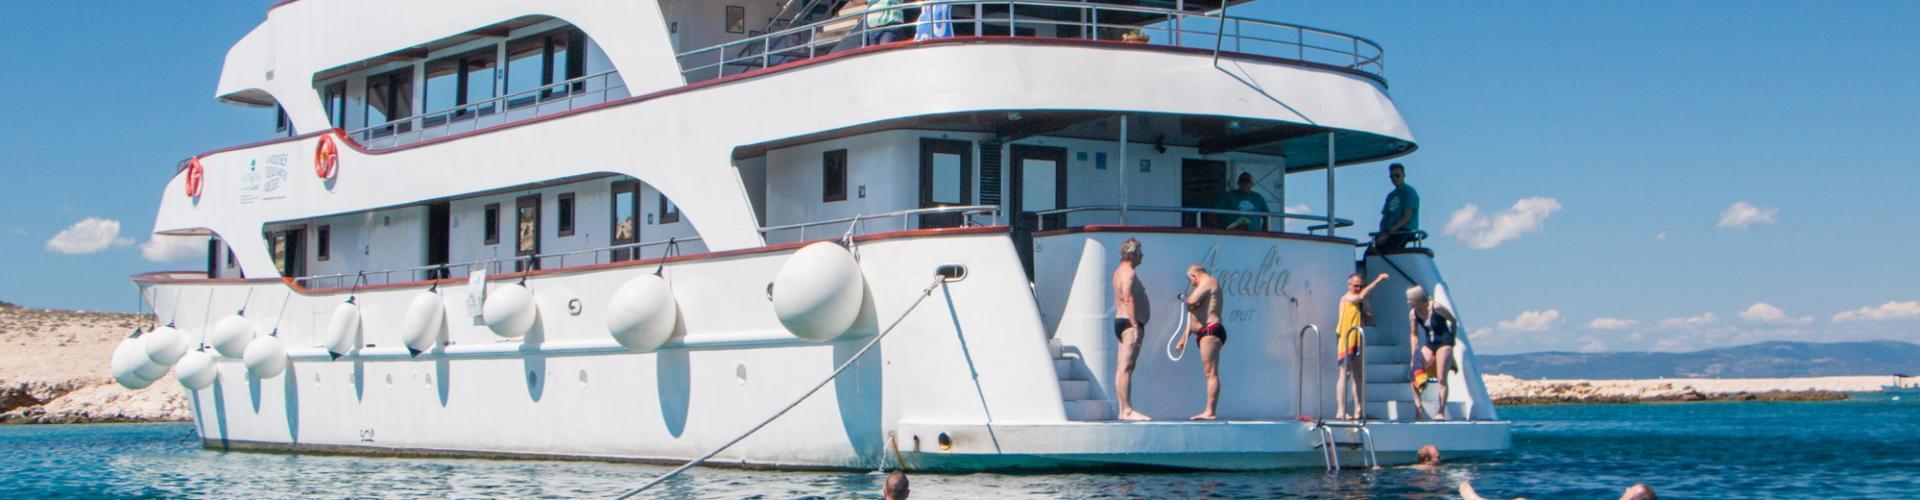 2013. Premium Superior cruiser MV Amalia